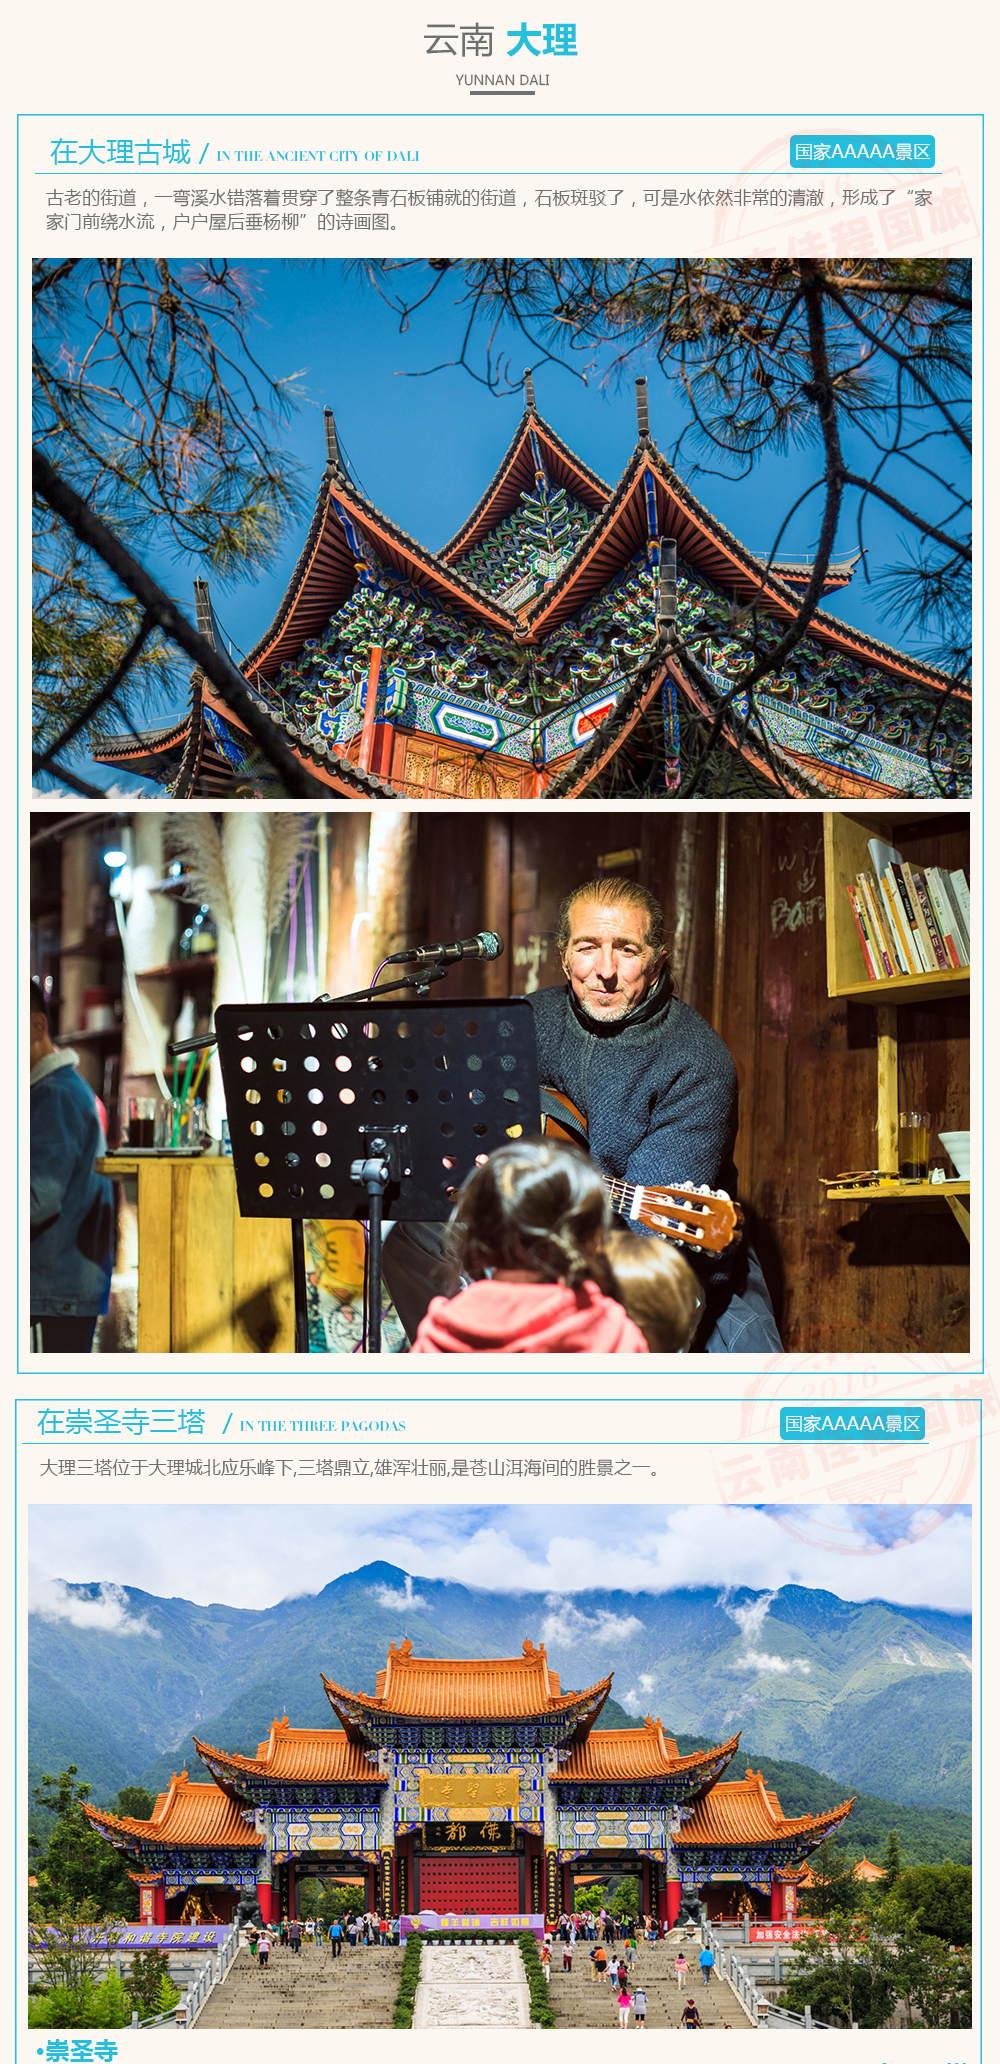 云南昆明+石林+大理三塔寺+大理+丽江古城+玉龙雪山